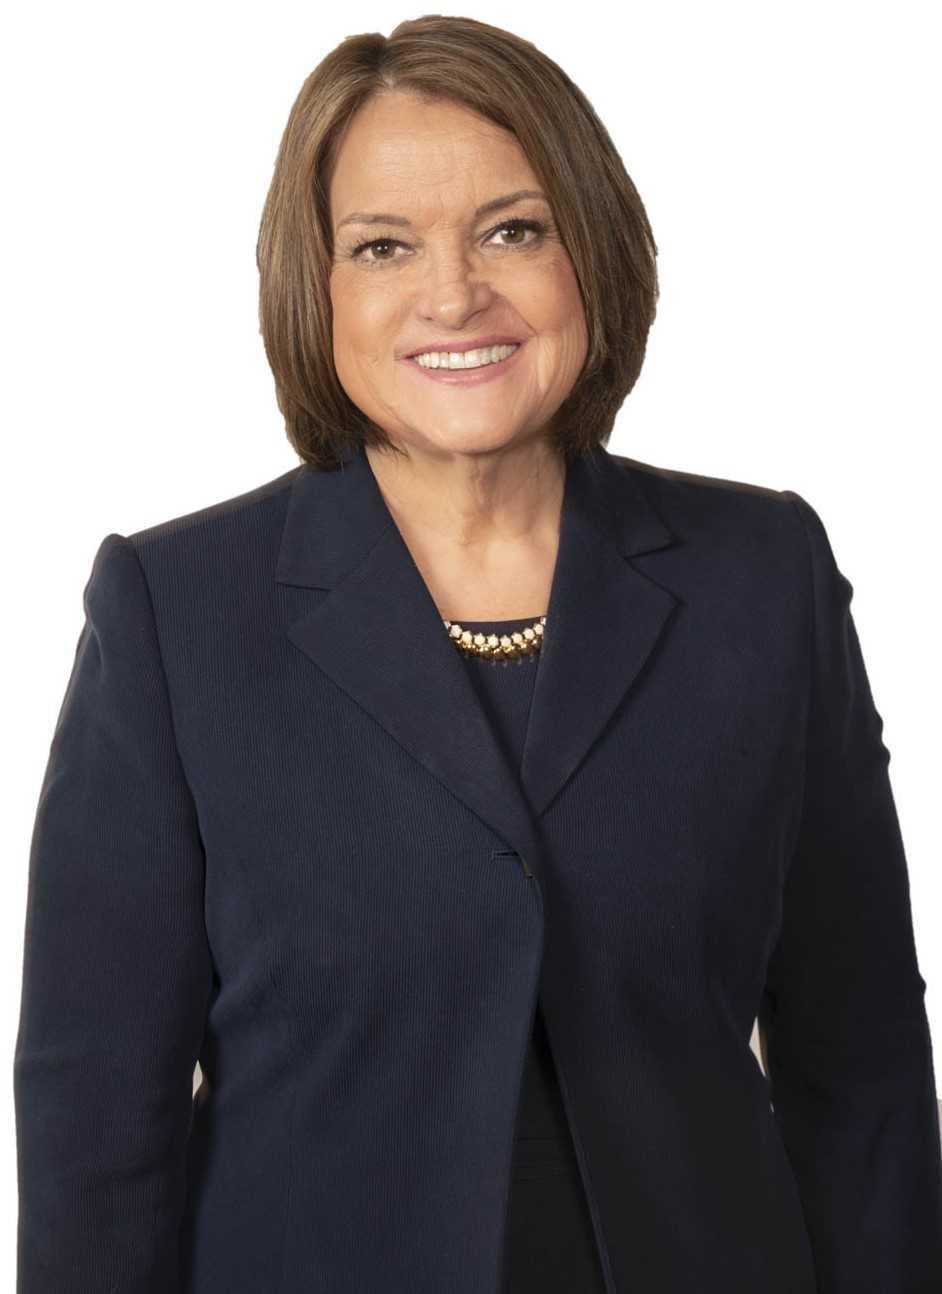 Karen B. Wiedmann